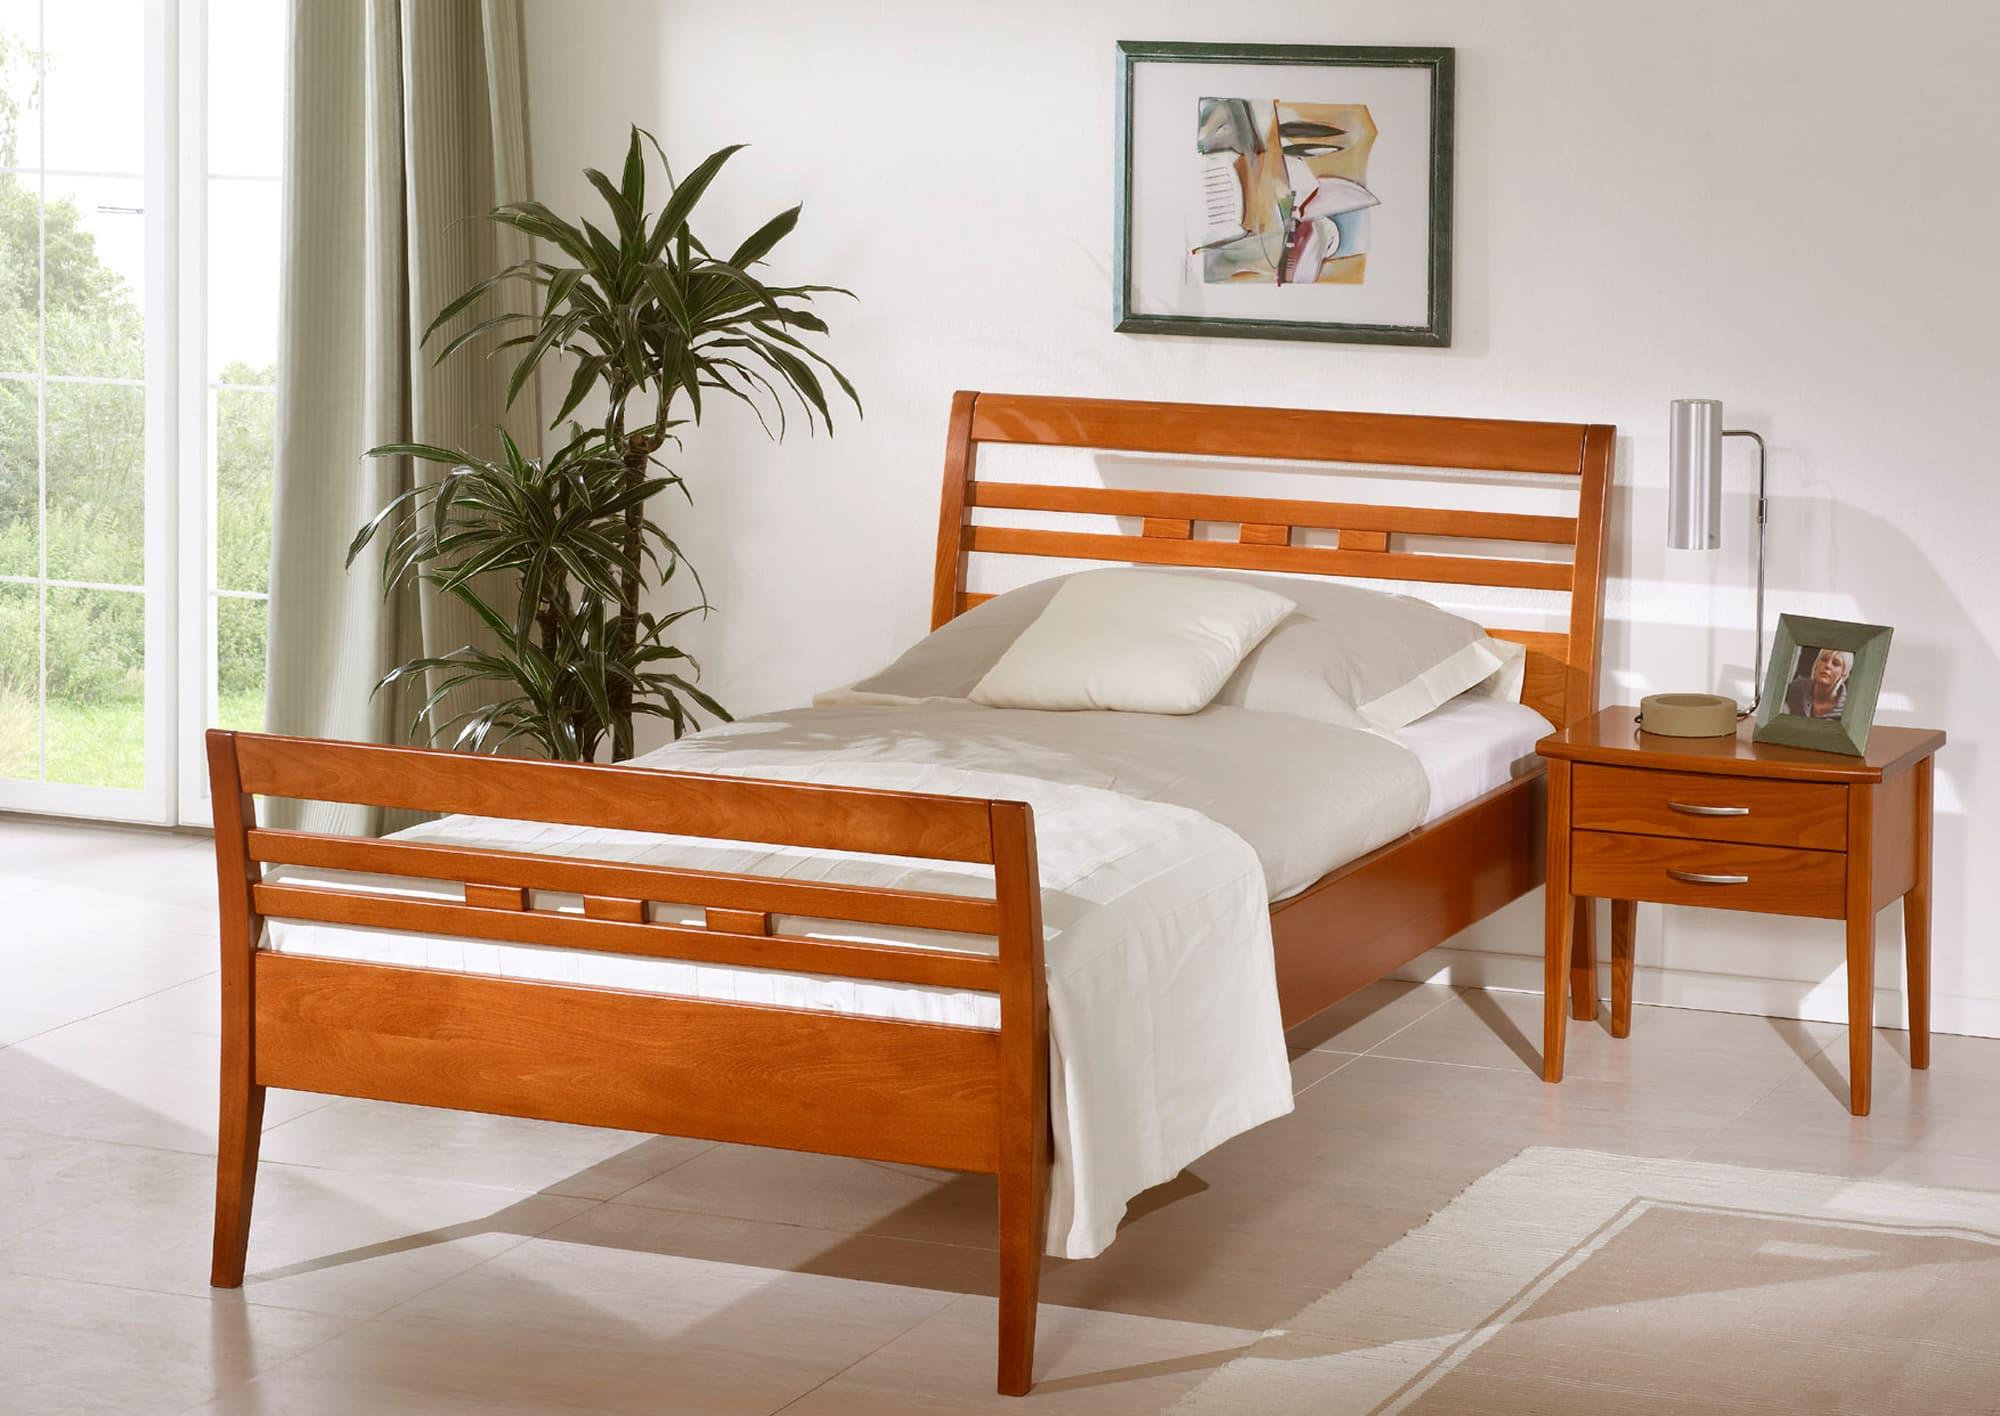 Full Size of Bett Mit Schubladen 90x200 Weiß Lattenrost Und Matratze Kiefer Betten Weißes Bettkasten Wohnzimmer Seniorenbett 90x200